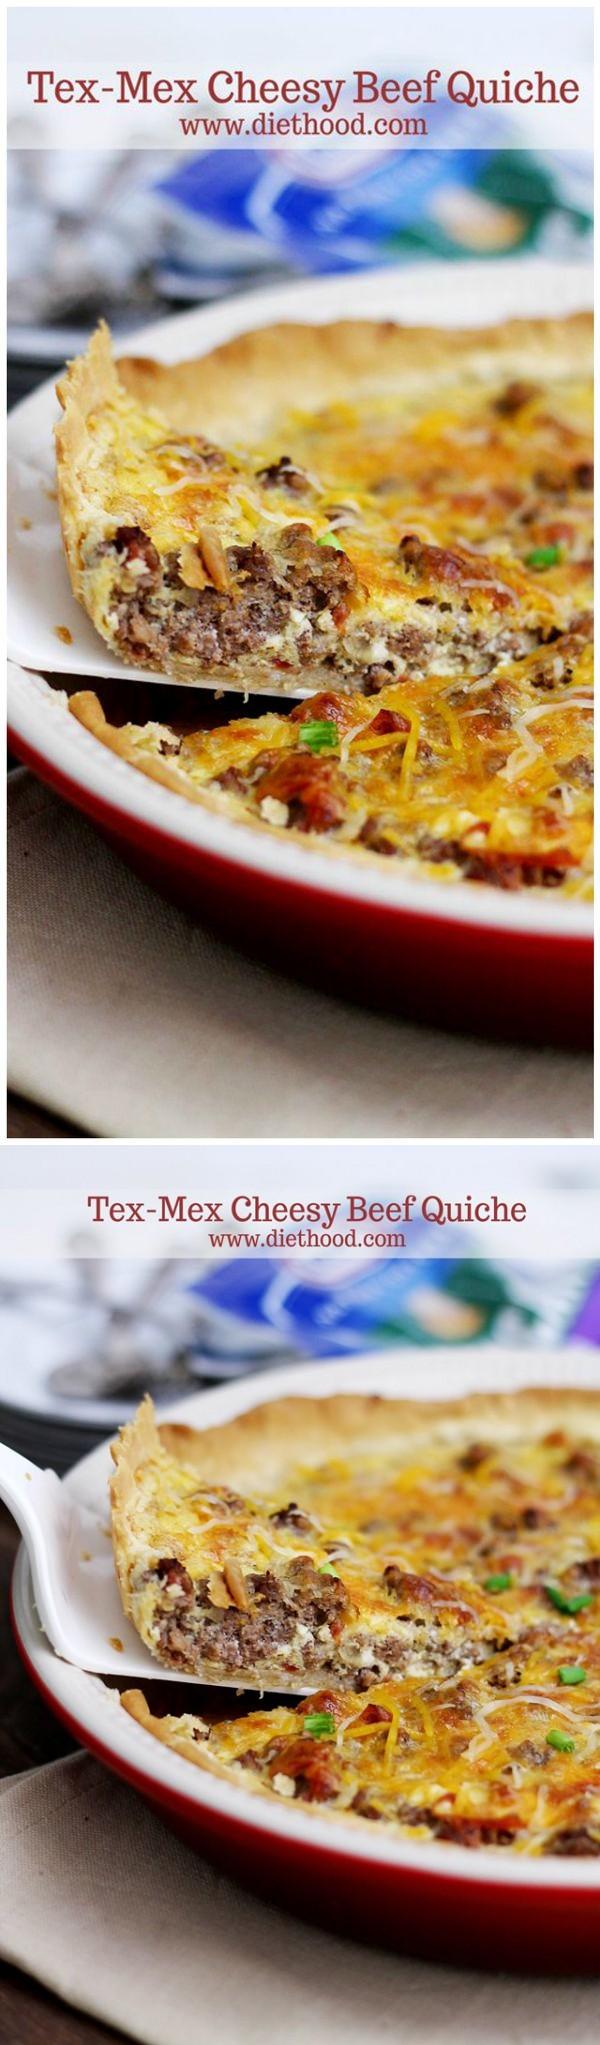 Tex-Mex Cheesy Beef Quiche